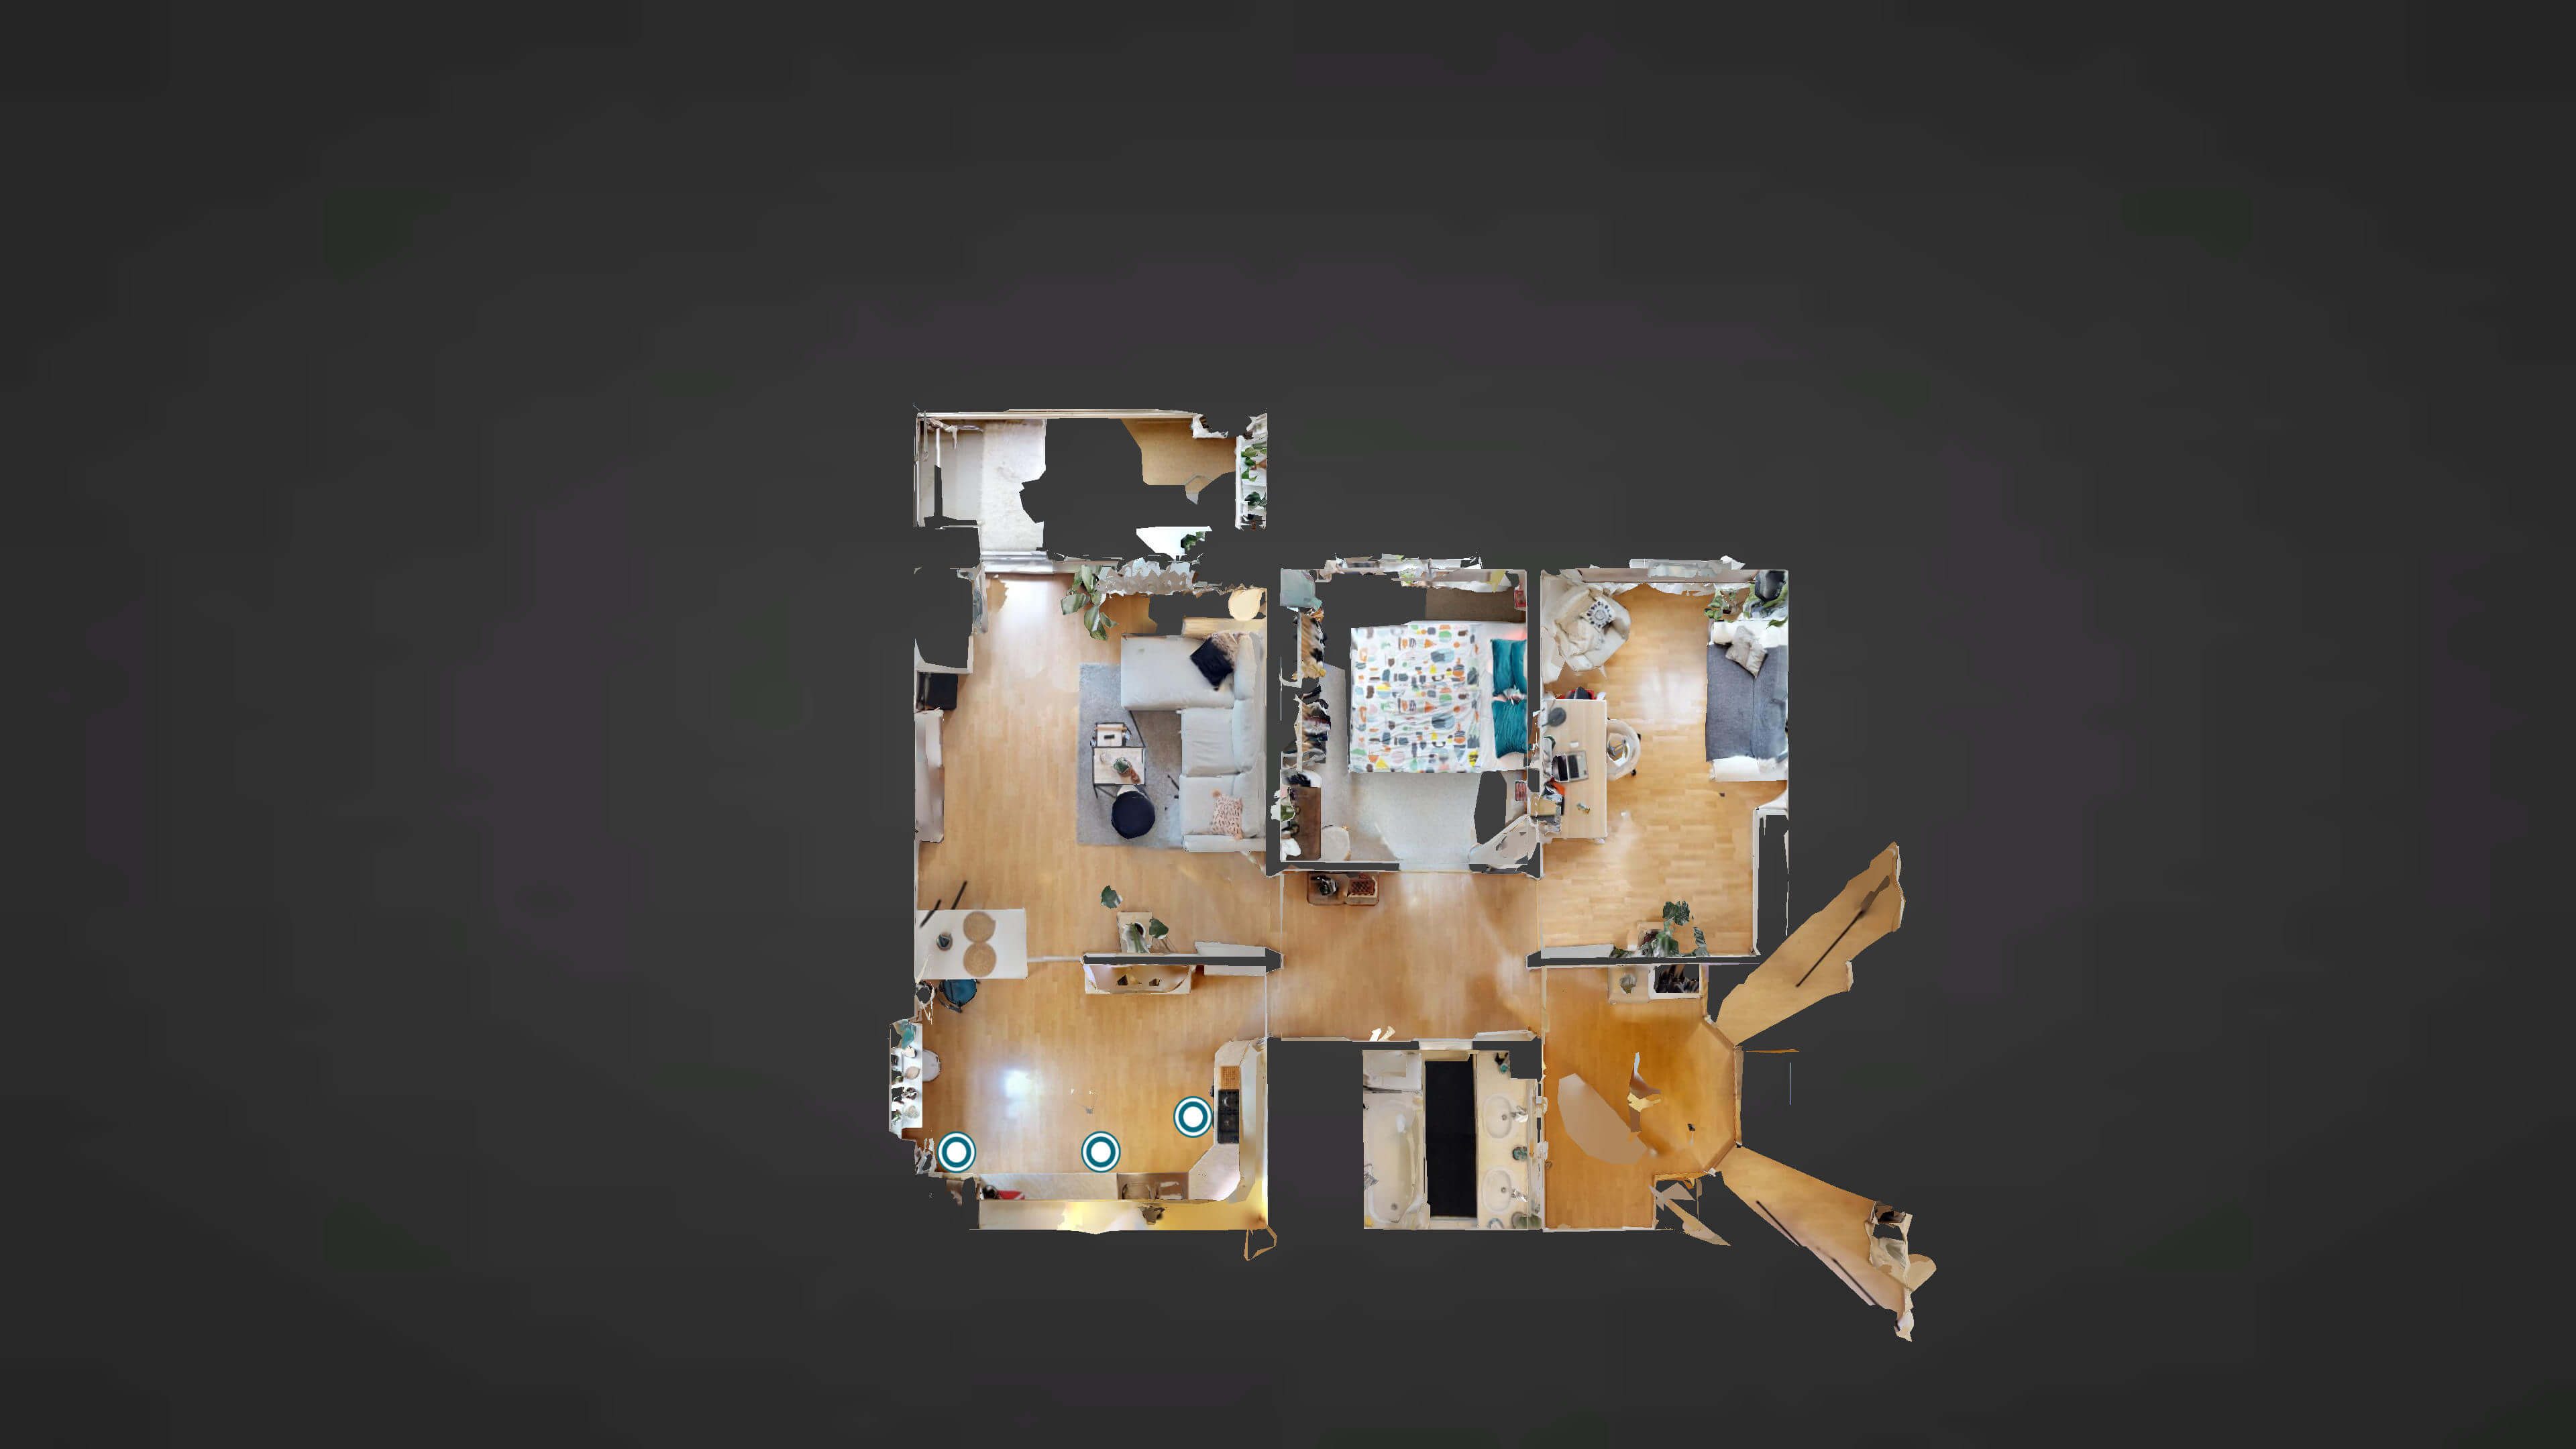 Predané Predaj exkluzívneho 3 izb. bytu,v Ružinove, ulica Palkovičová, blízko Trhoviska Miletičky v Bratislave, 68m2, kompletne zariadený-38